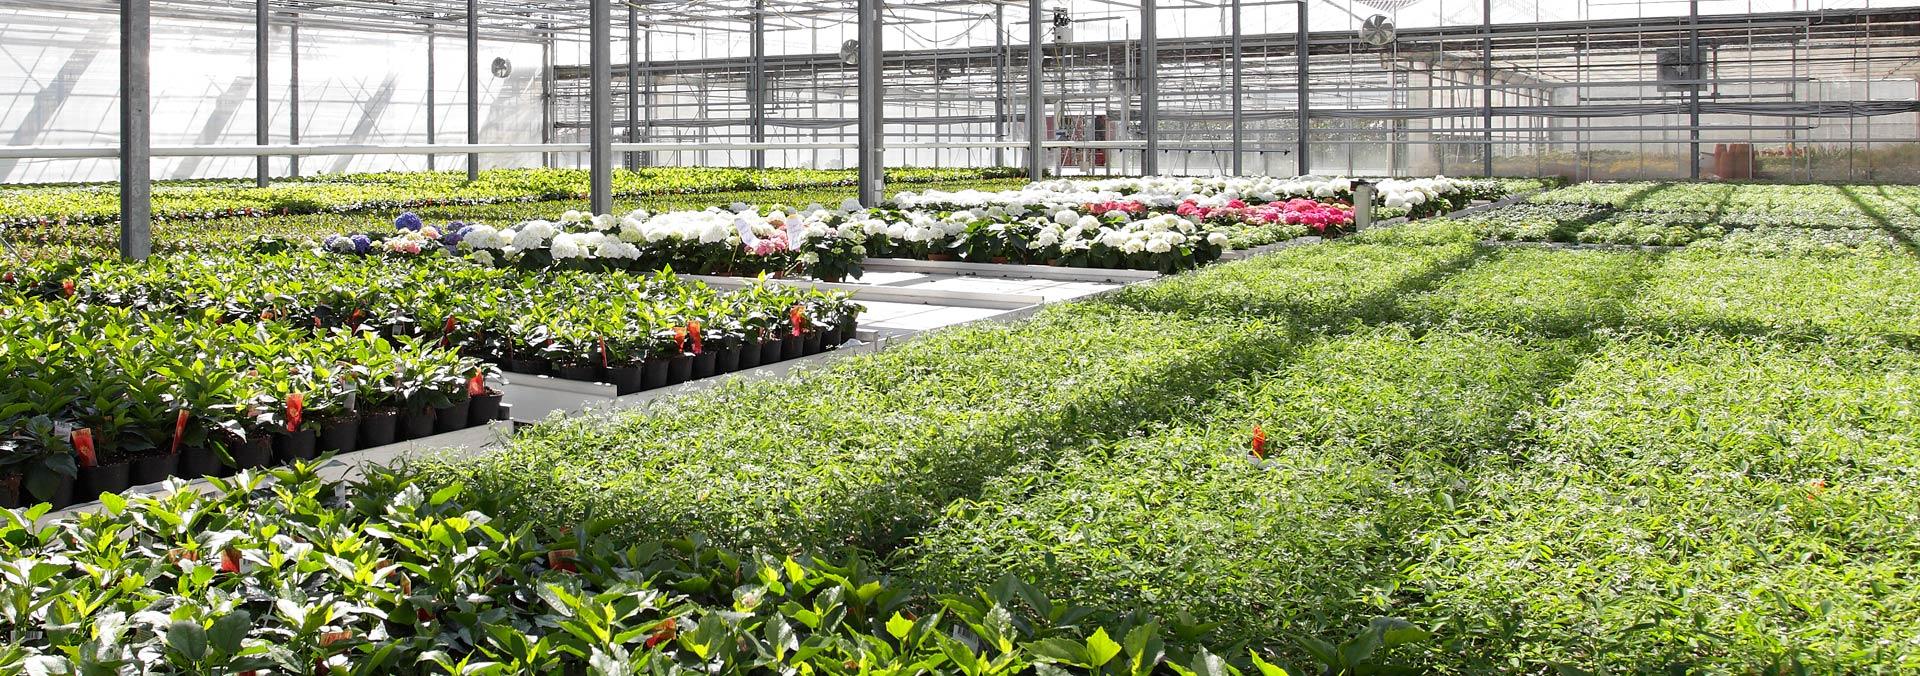 Produzione di fiori e piante ornamentali